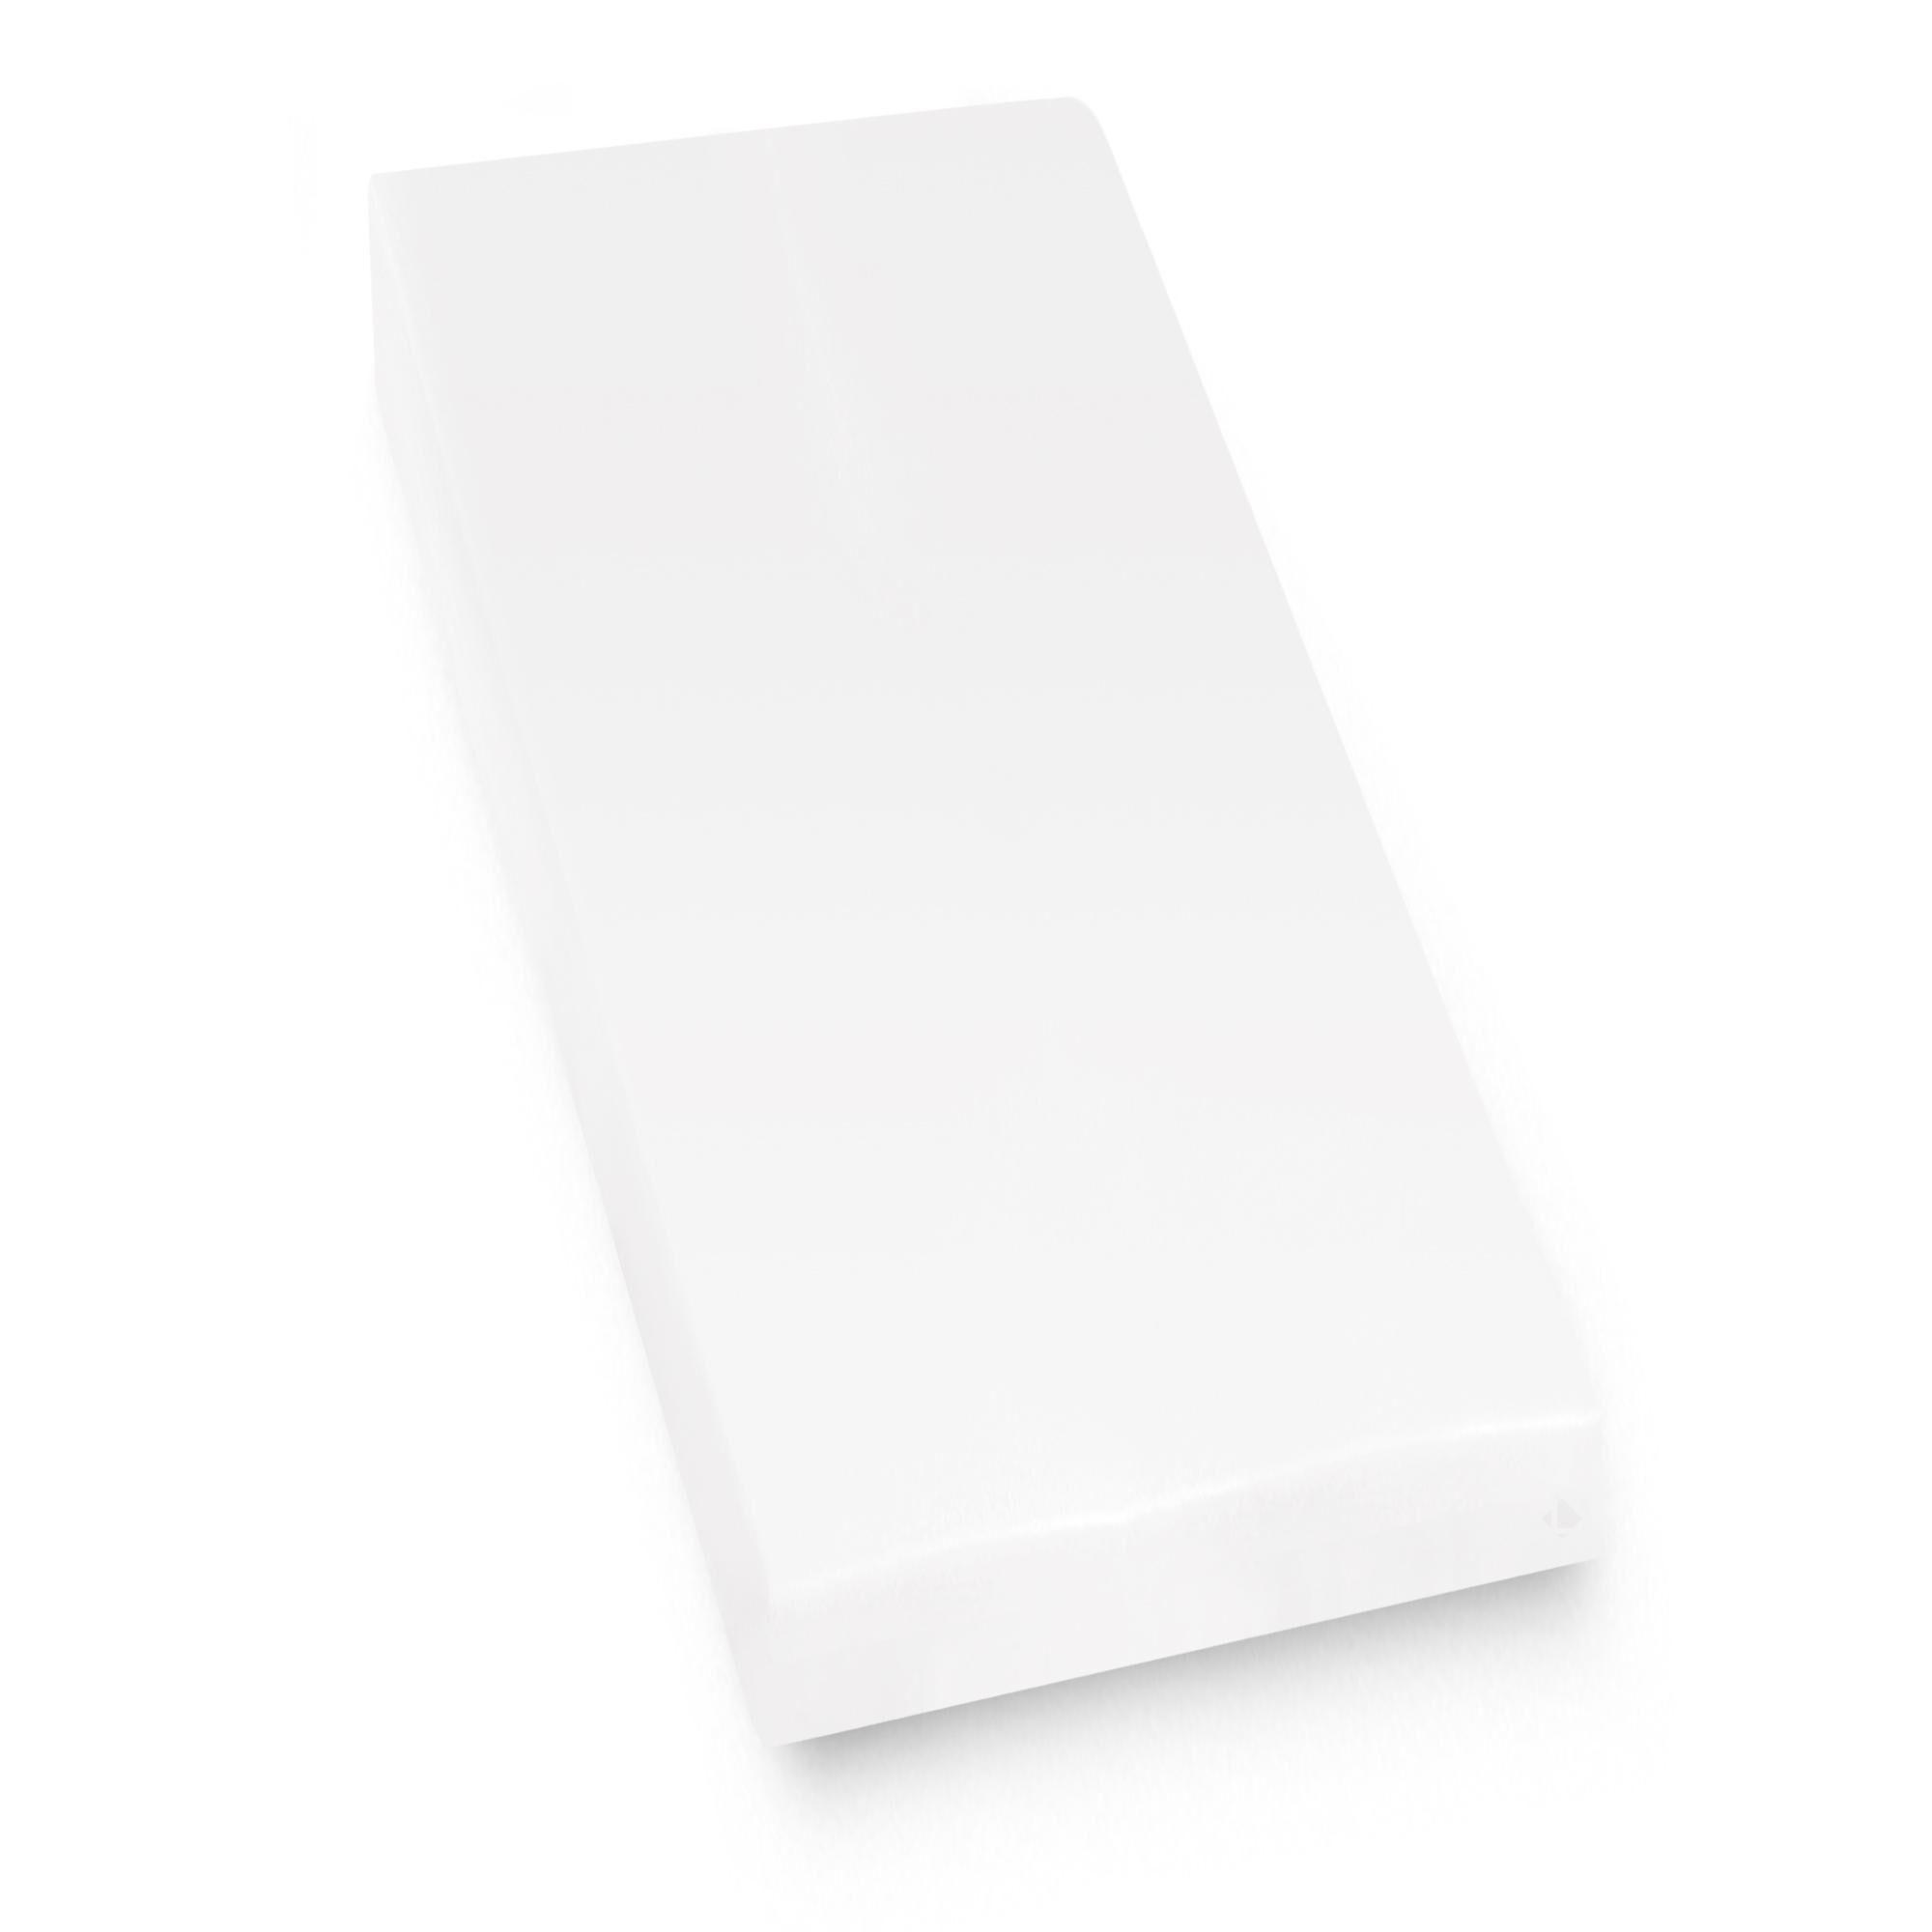 Linnea Protège matelas imperméable 80x200 cm bonnet 40cm ARNON molleton 100% coton contrecollé polyuréthane